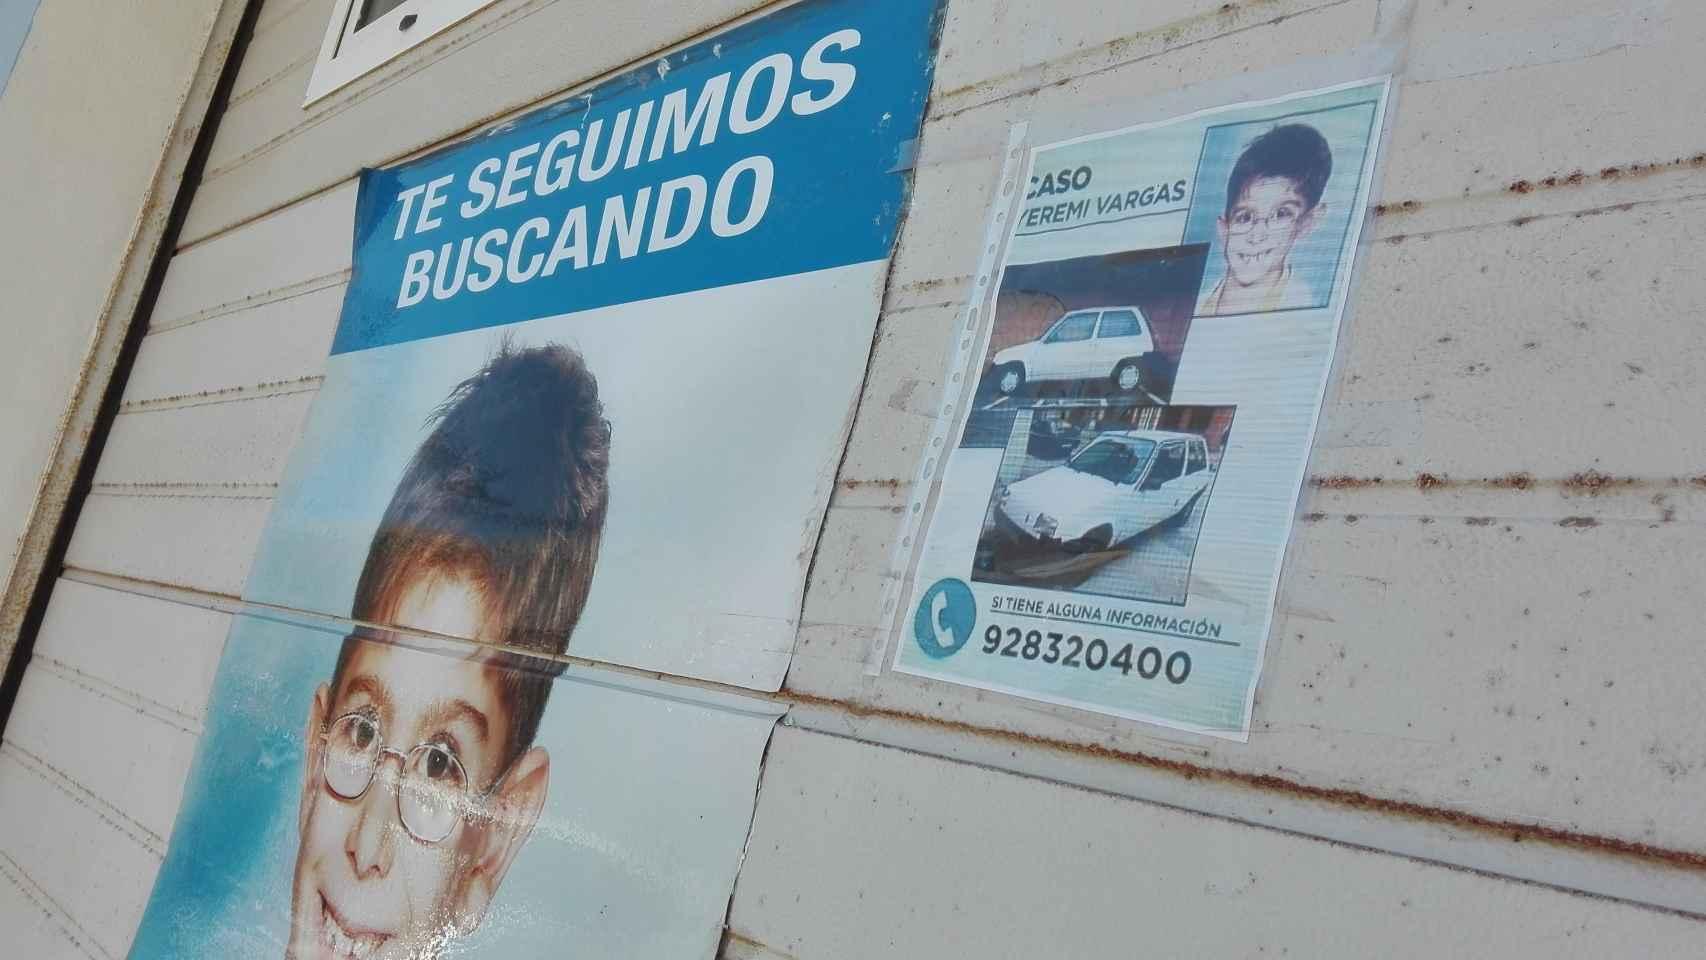 Fachada de la vivienda de los abuelos de Yéremi Vargas, con carteles.